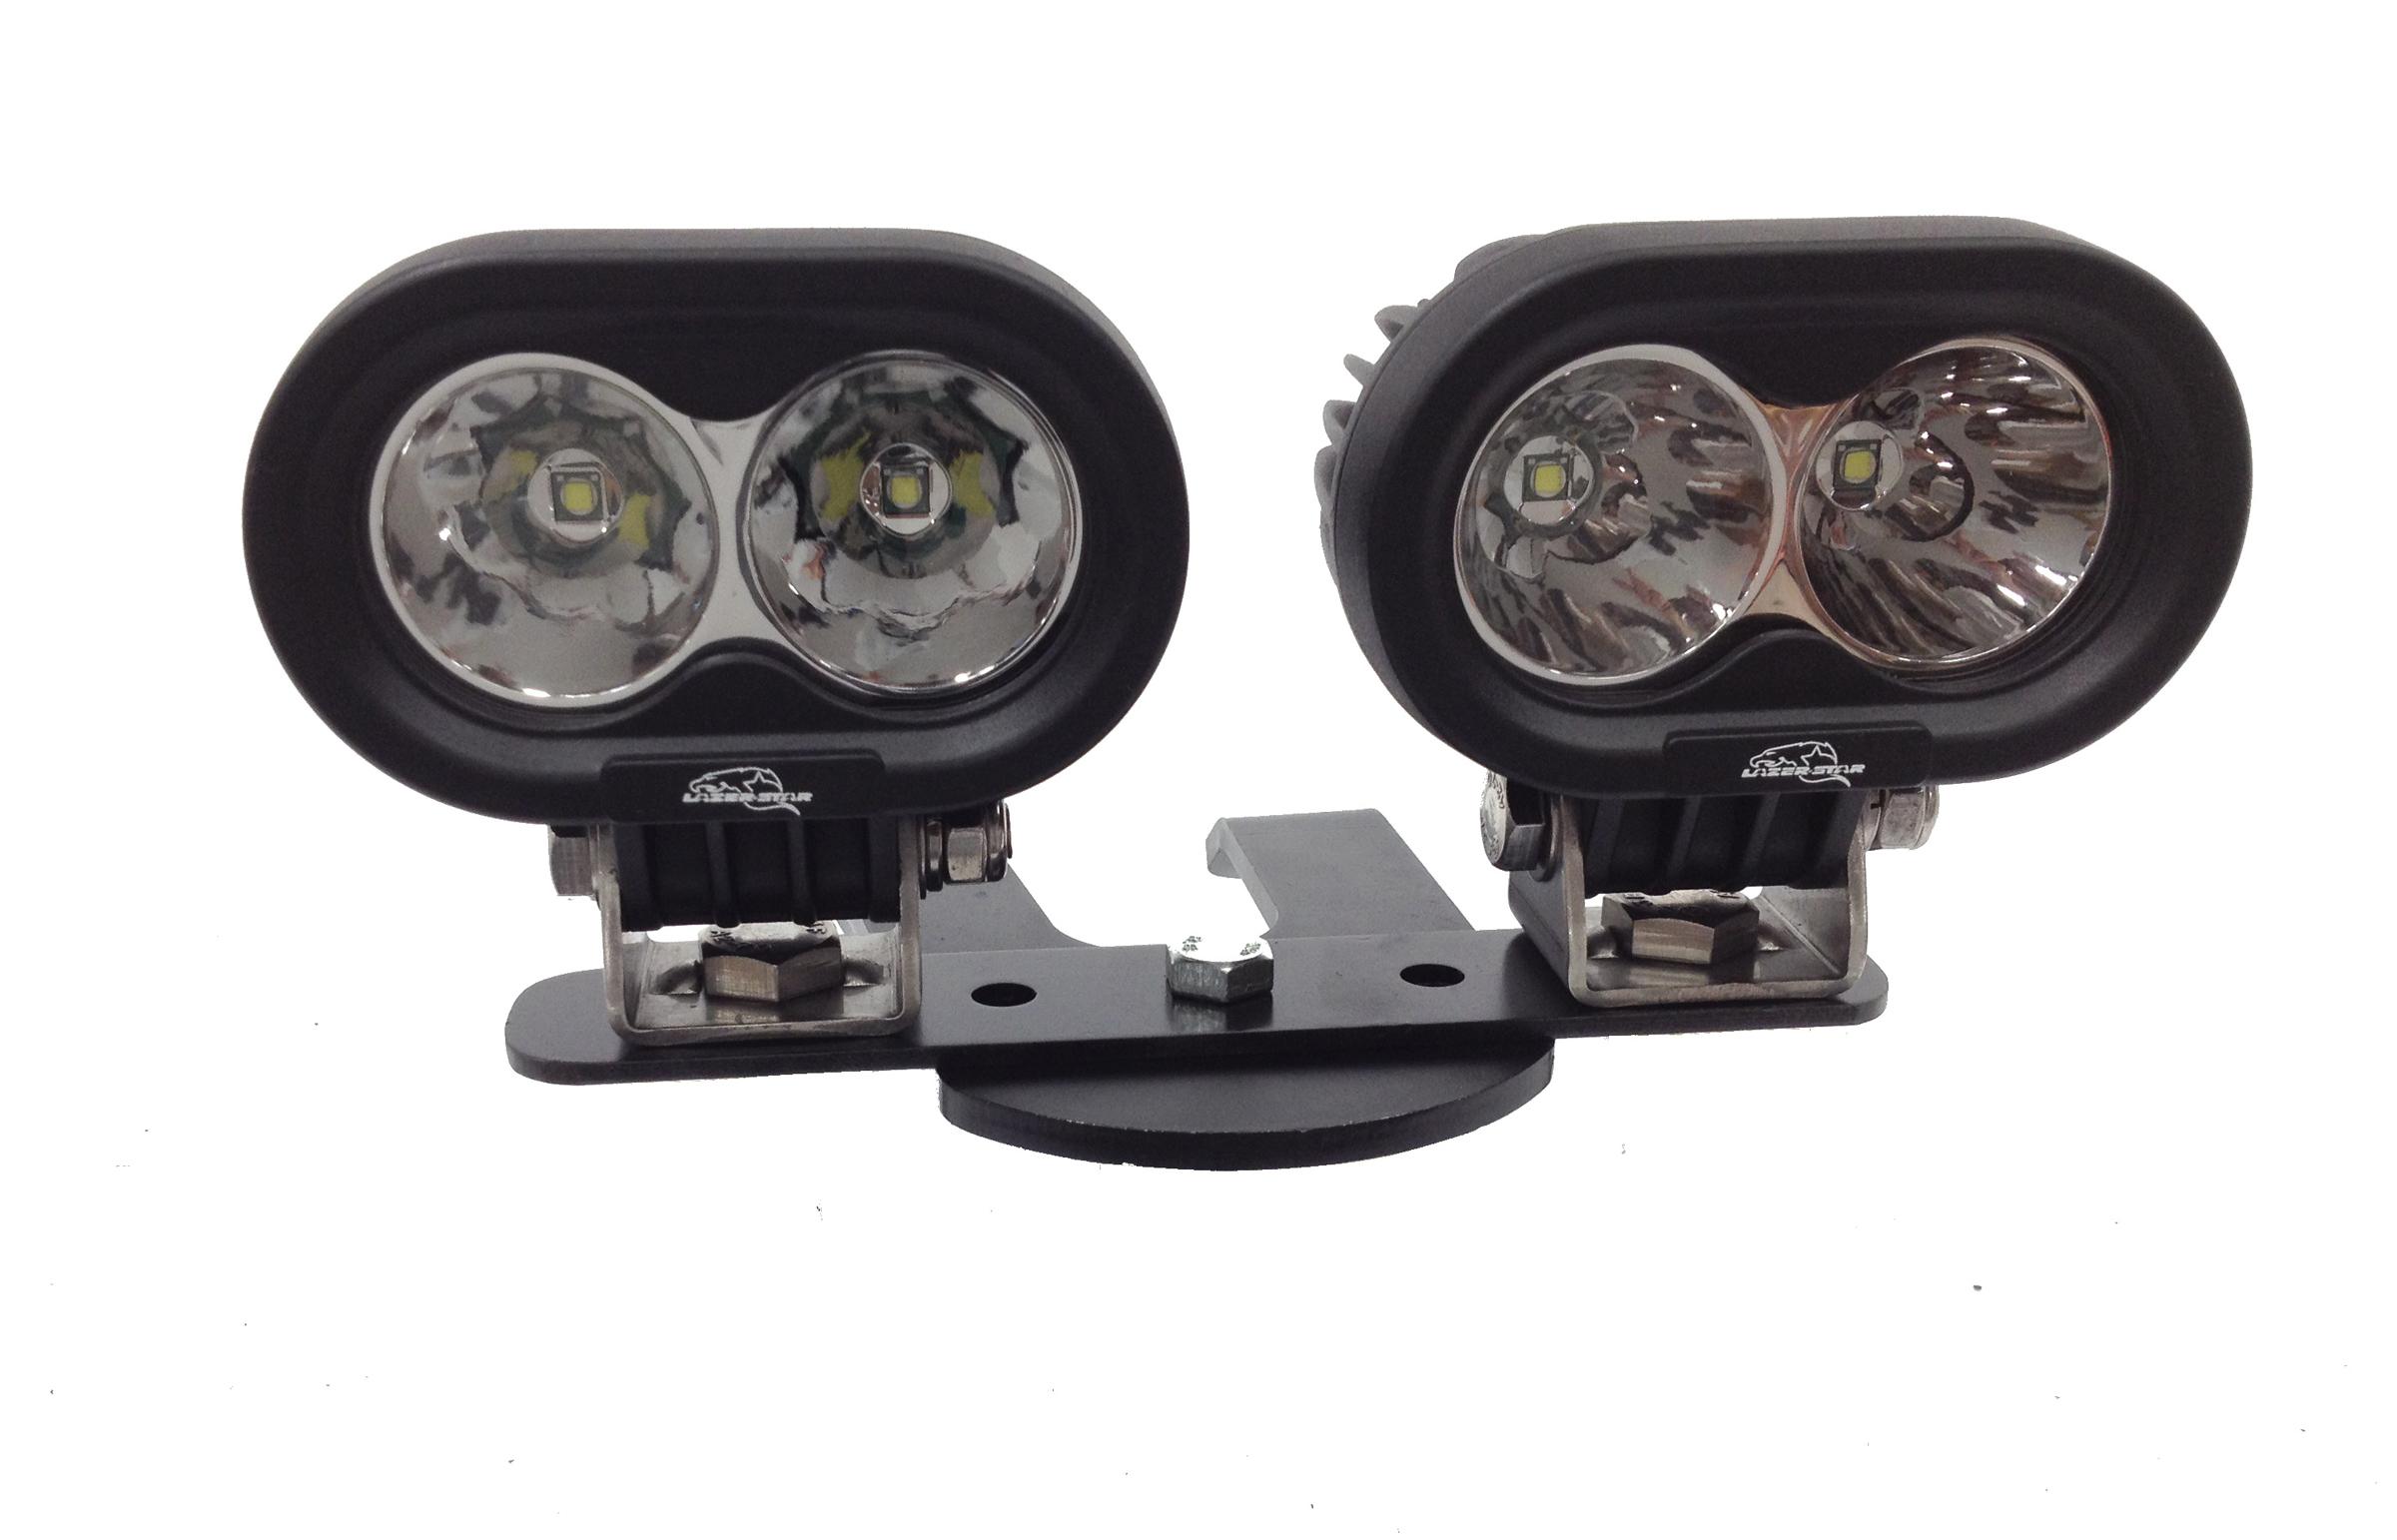 Lazer Star Lights Offering Led Light Handlebar Kits For